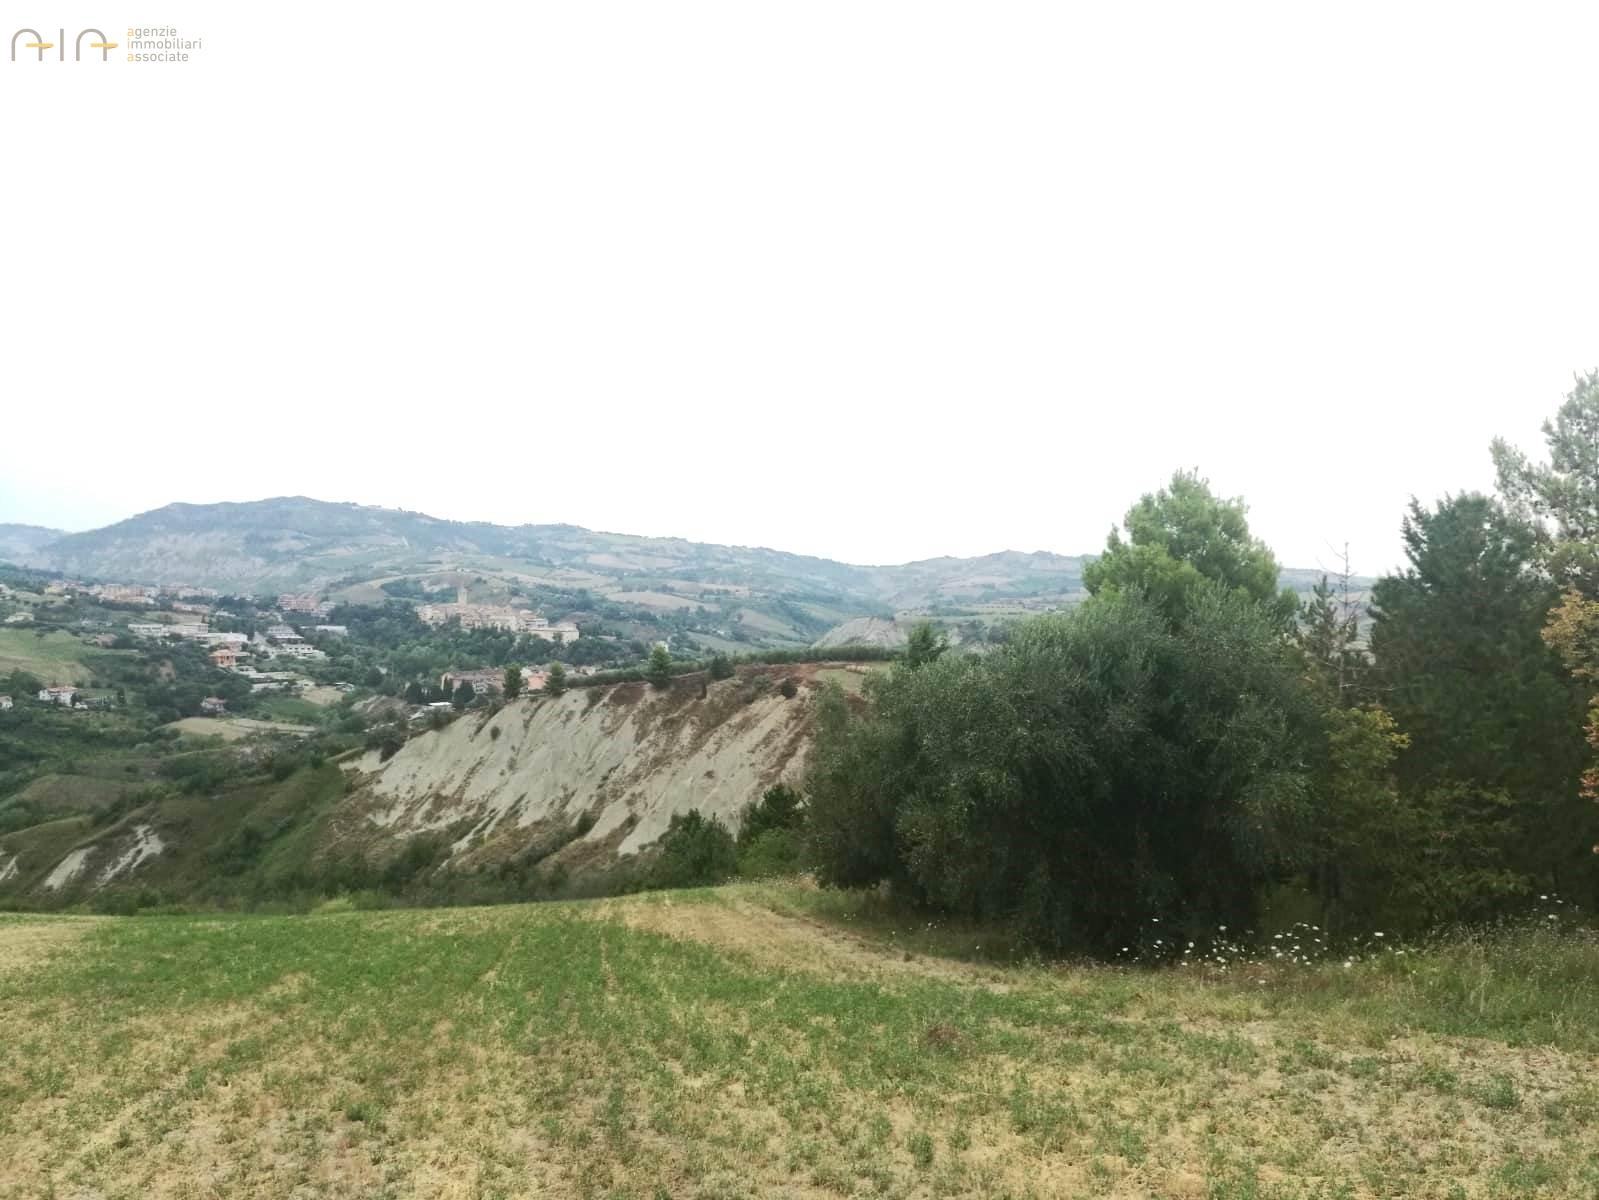 Terreno Agricolo in vendita a Appignano del Tronto, 9999 locali, zona Località: Collinare, prezzo € 13.000 | CambioCasa.it